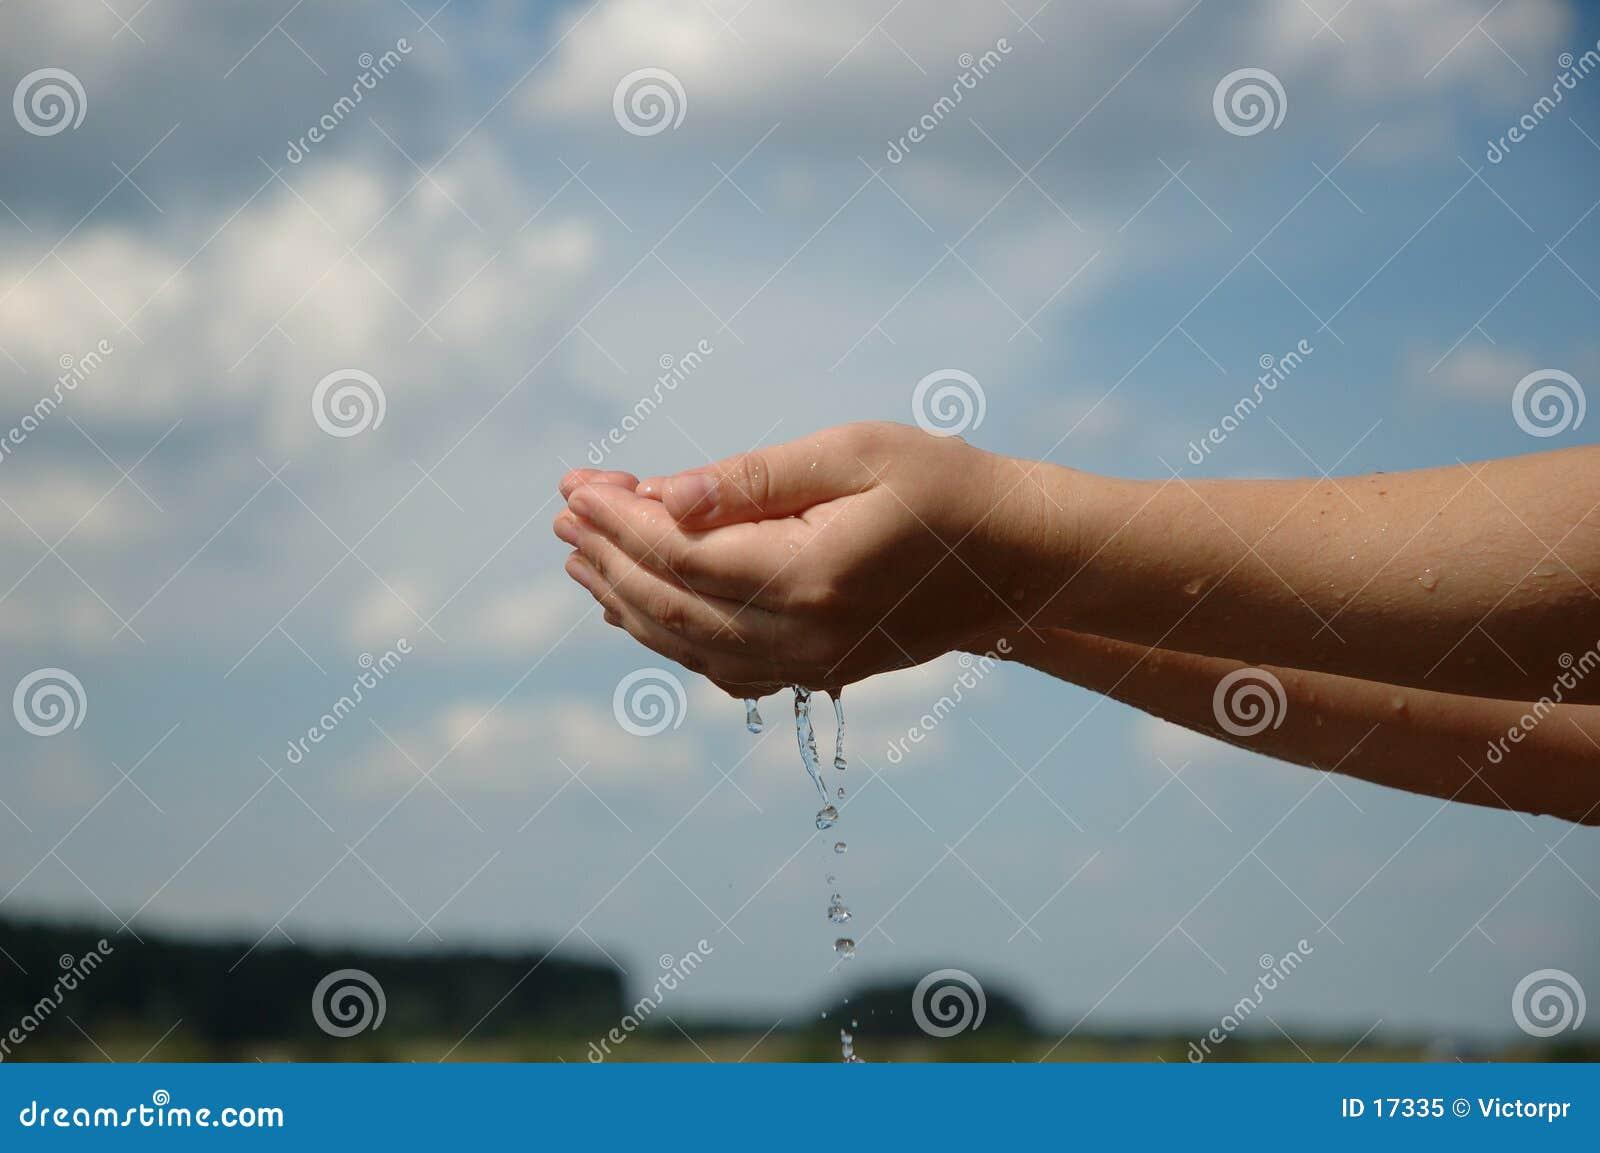 Mani in acqua 3